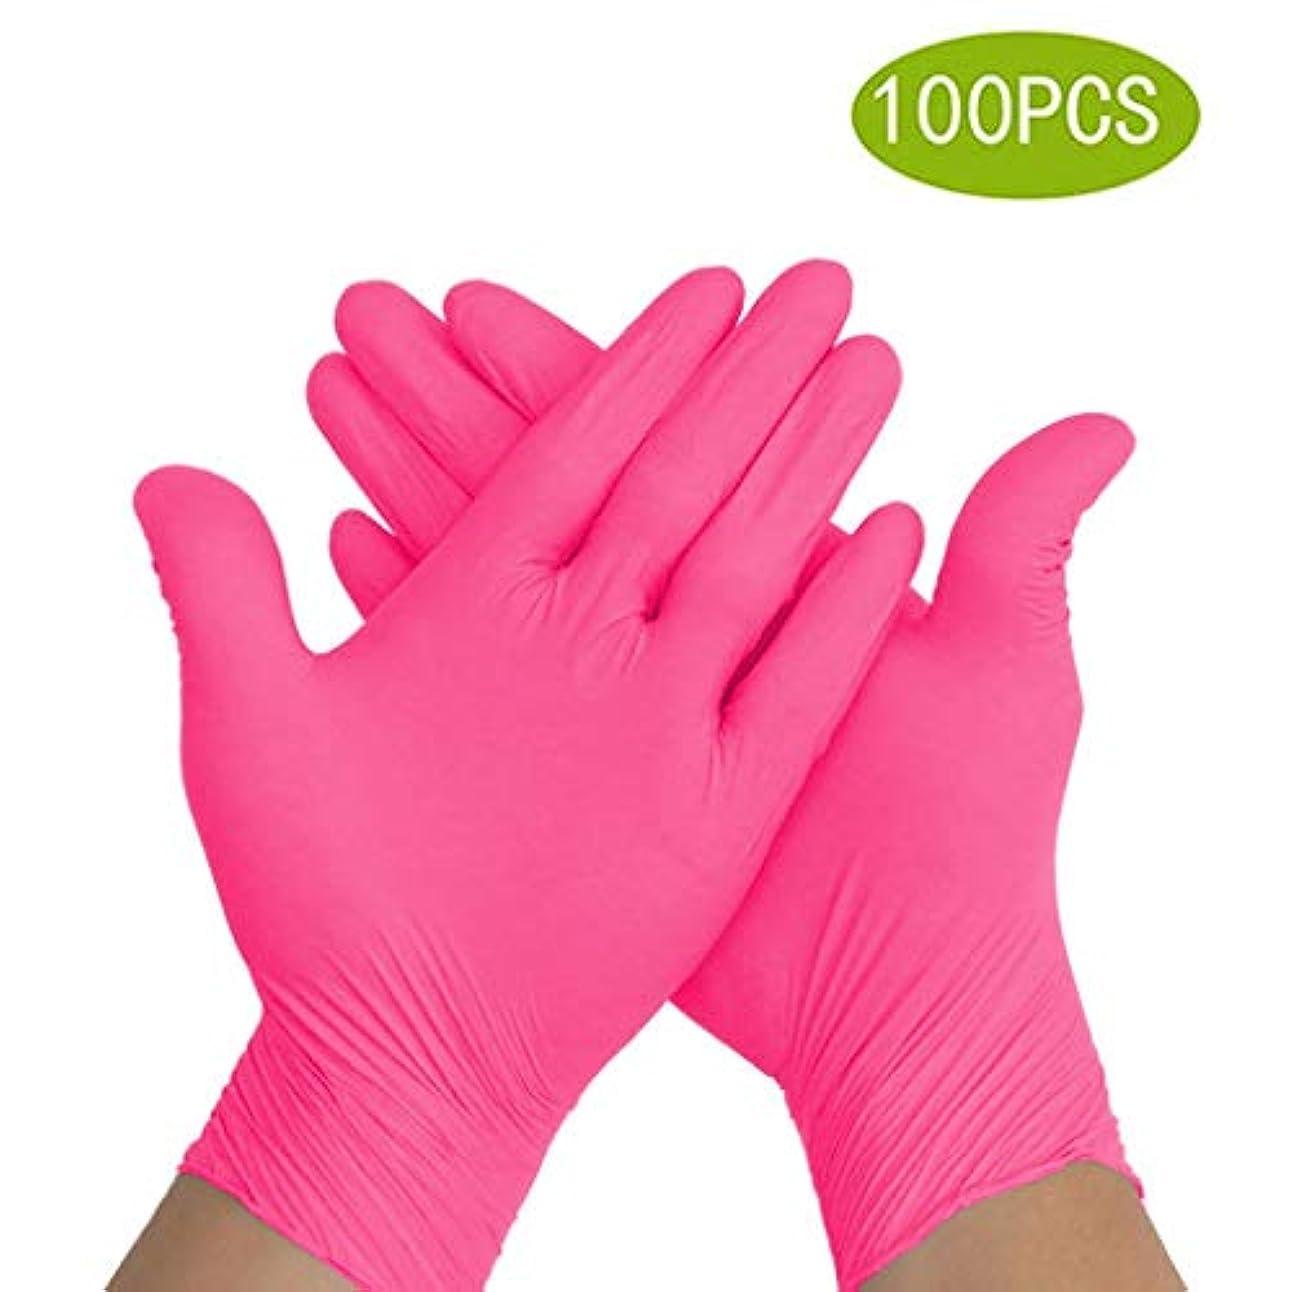 はいシュリンクマイルニトリル使い捨て手袋、パウダーフリーのレッドビューティーサロンタトゥー、食品用手袋、ラテックスフリー、100個ディスペンサーパック (Size : S)